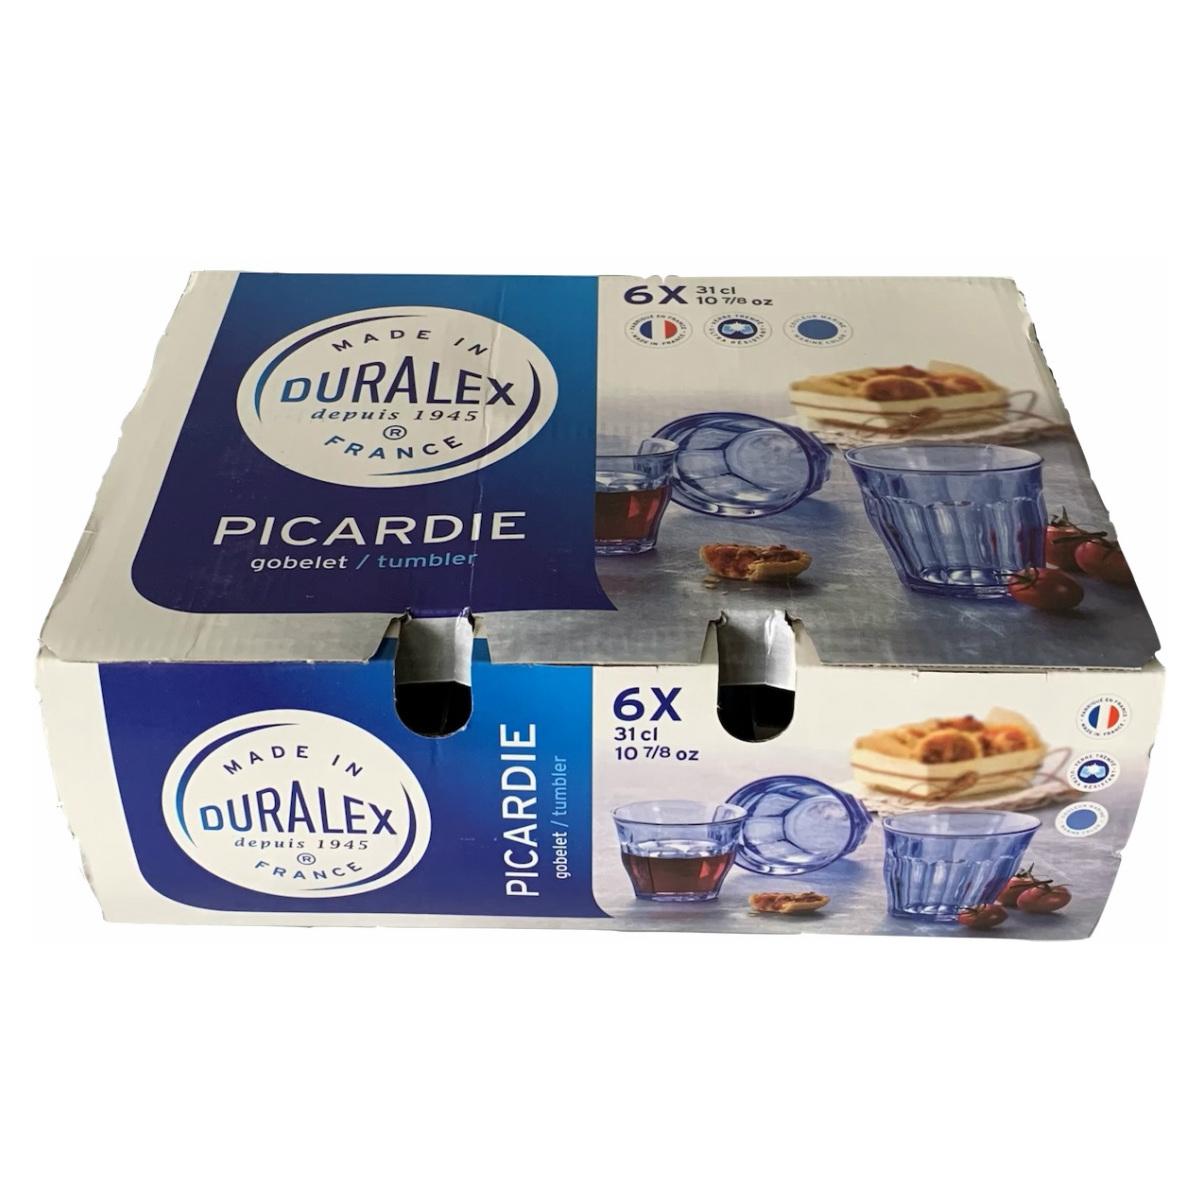 食器 恵比寿に実店舗あります SALE 超美品再入荷品質至上 30%OFF DURALEX マリン250ml 箱入り 6個セット ピカルディー 最新アイテム デュラレックス